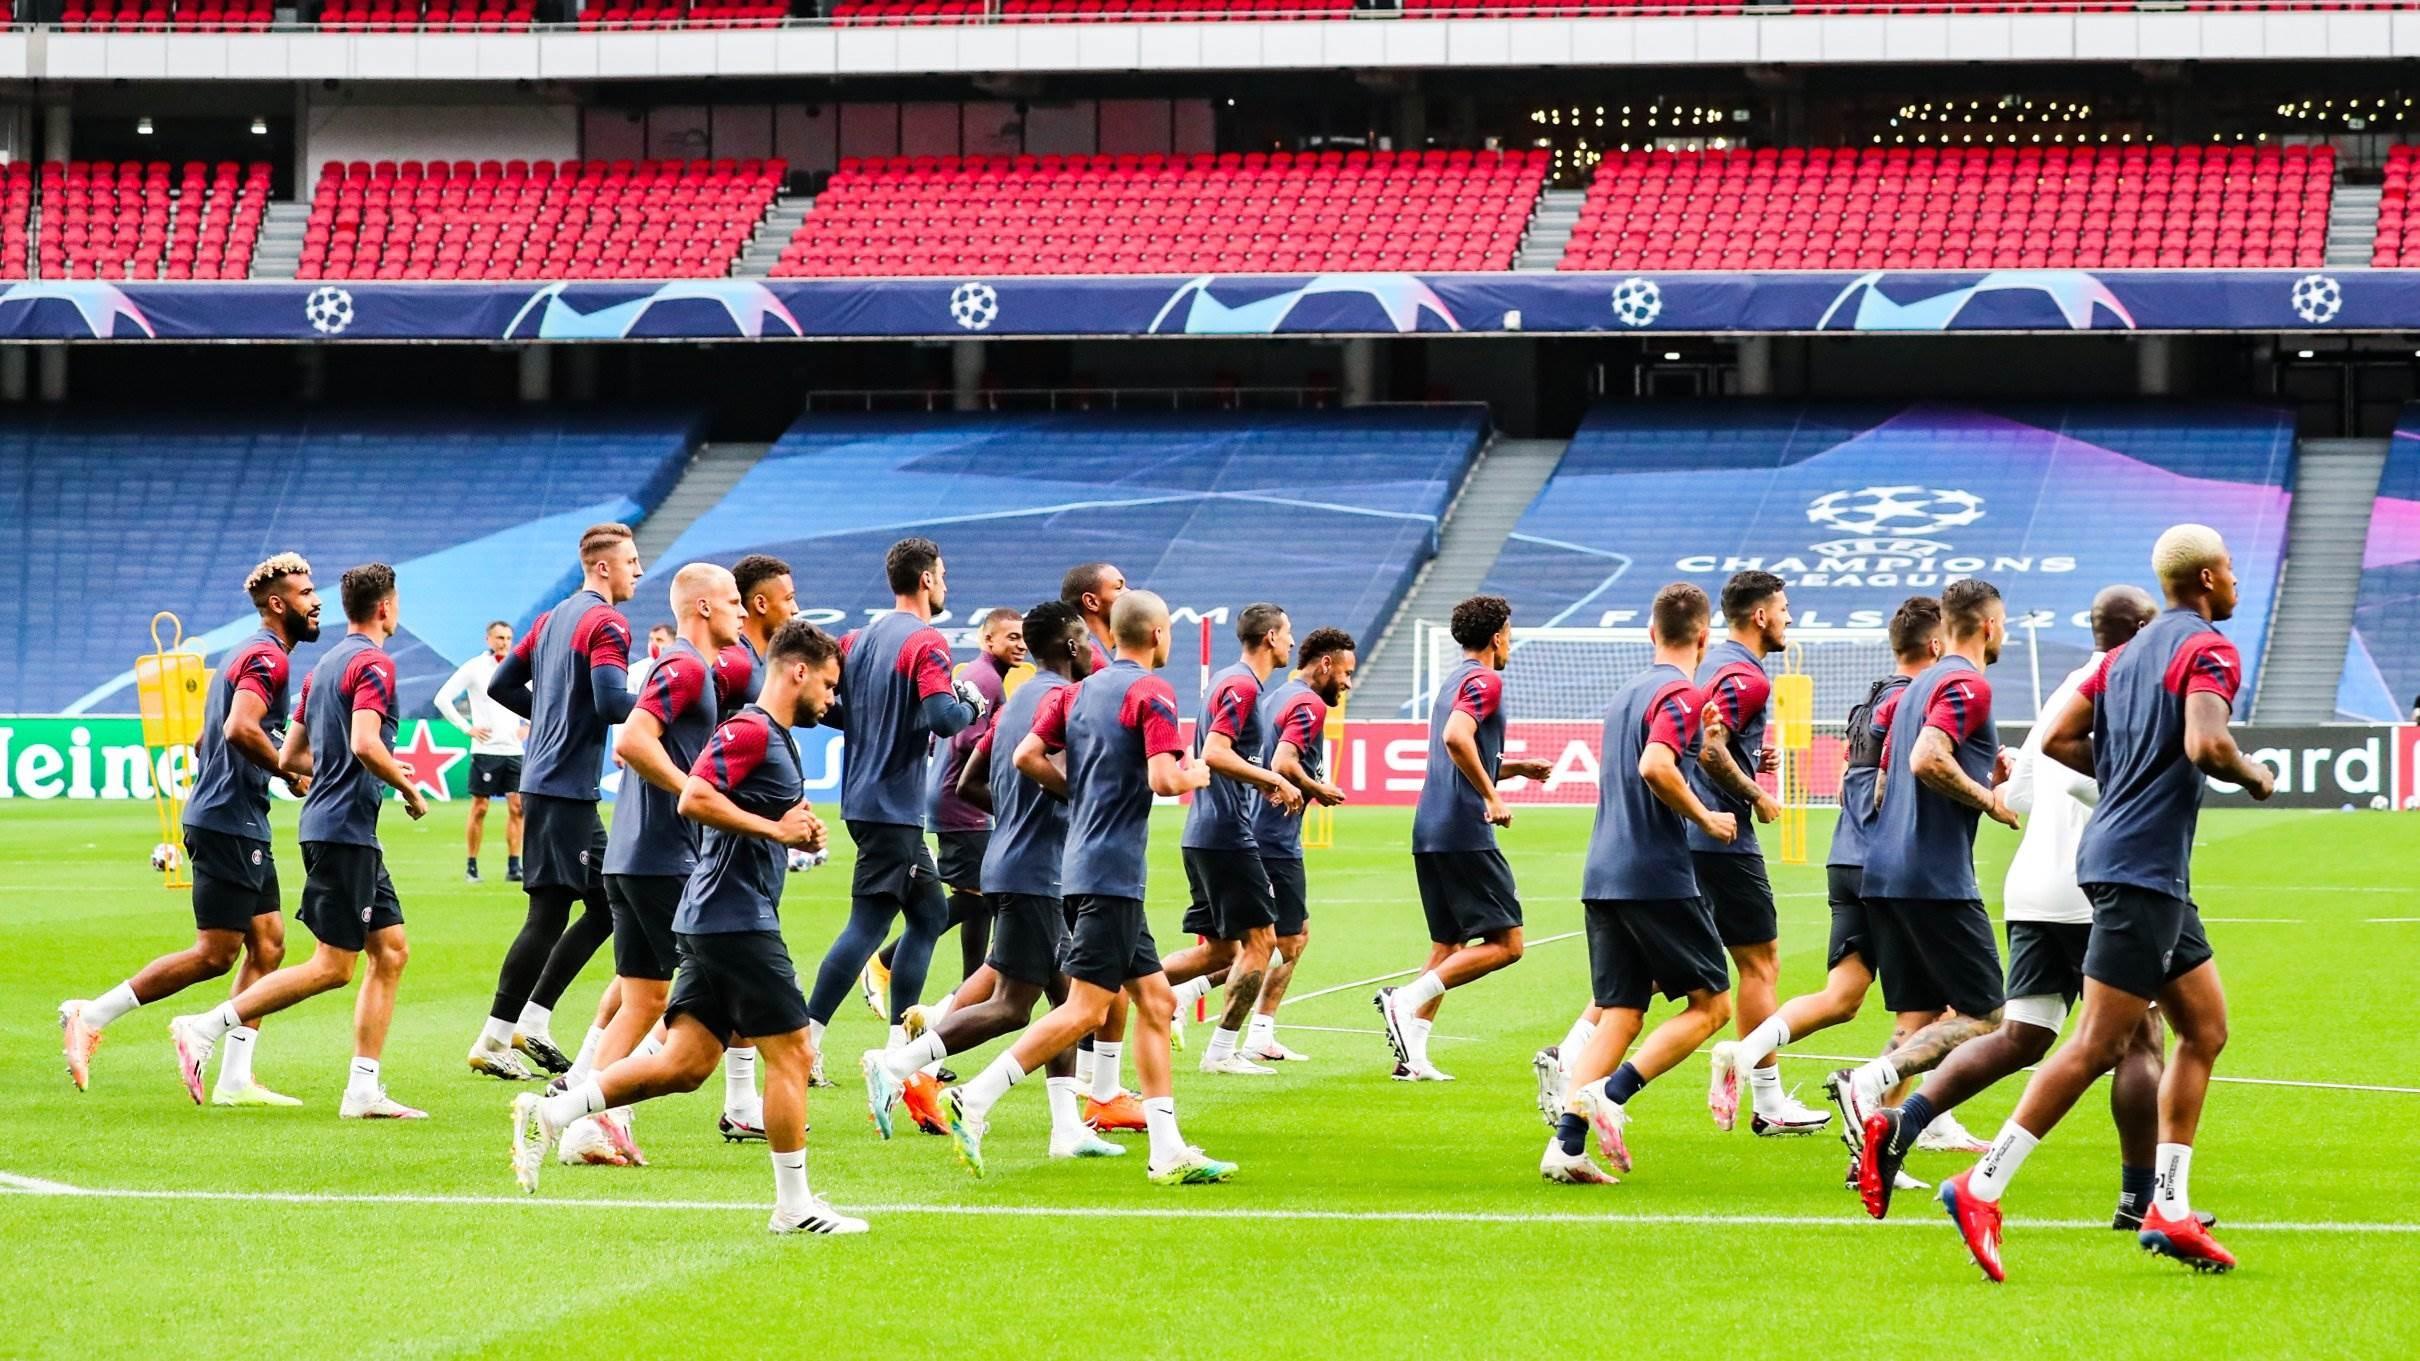 لاعبو باريس سان جيرمان في ملعب المباراة